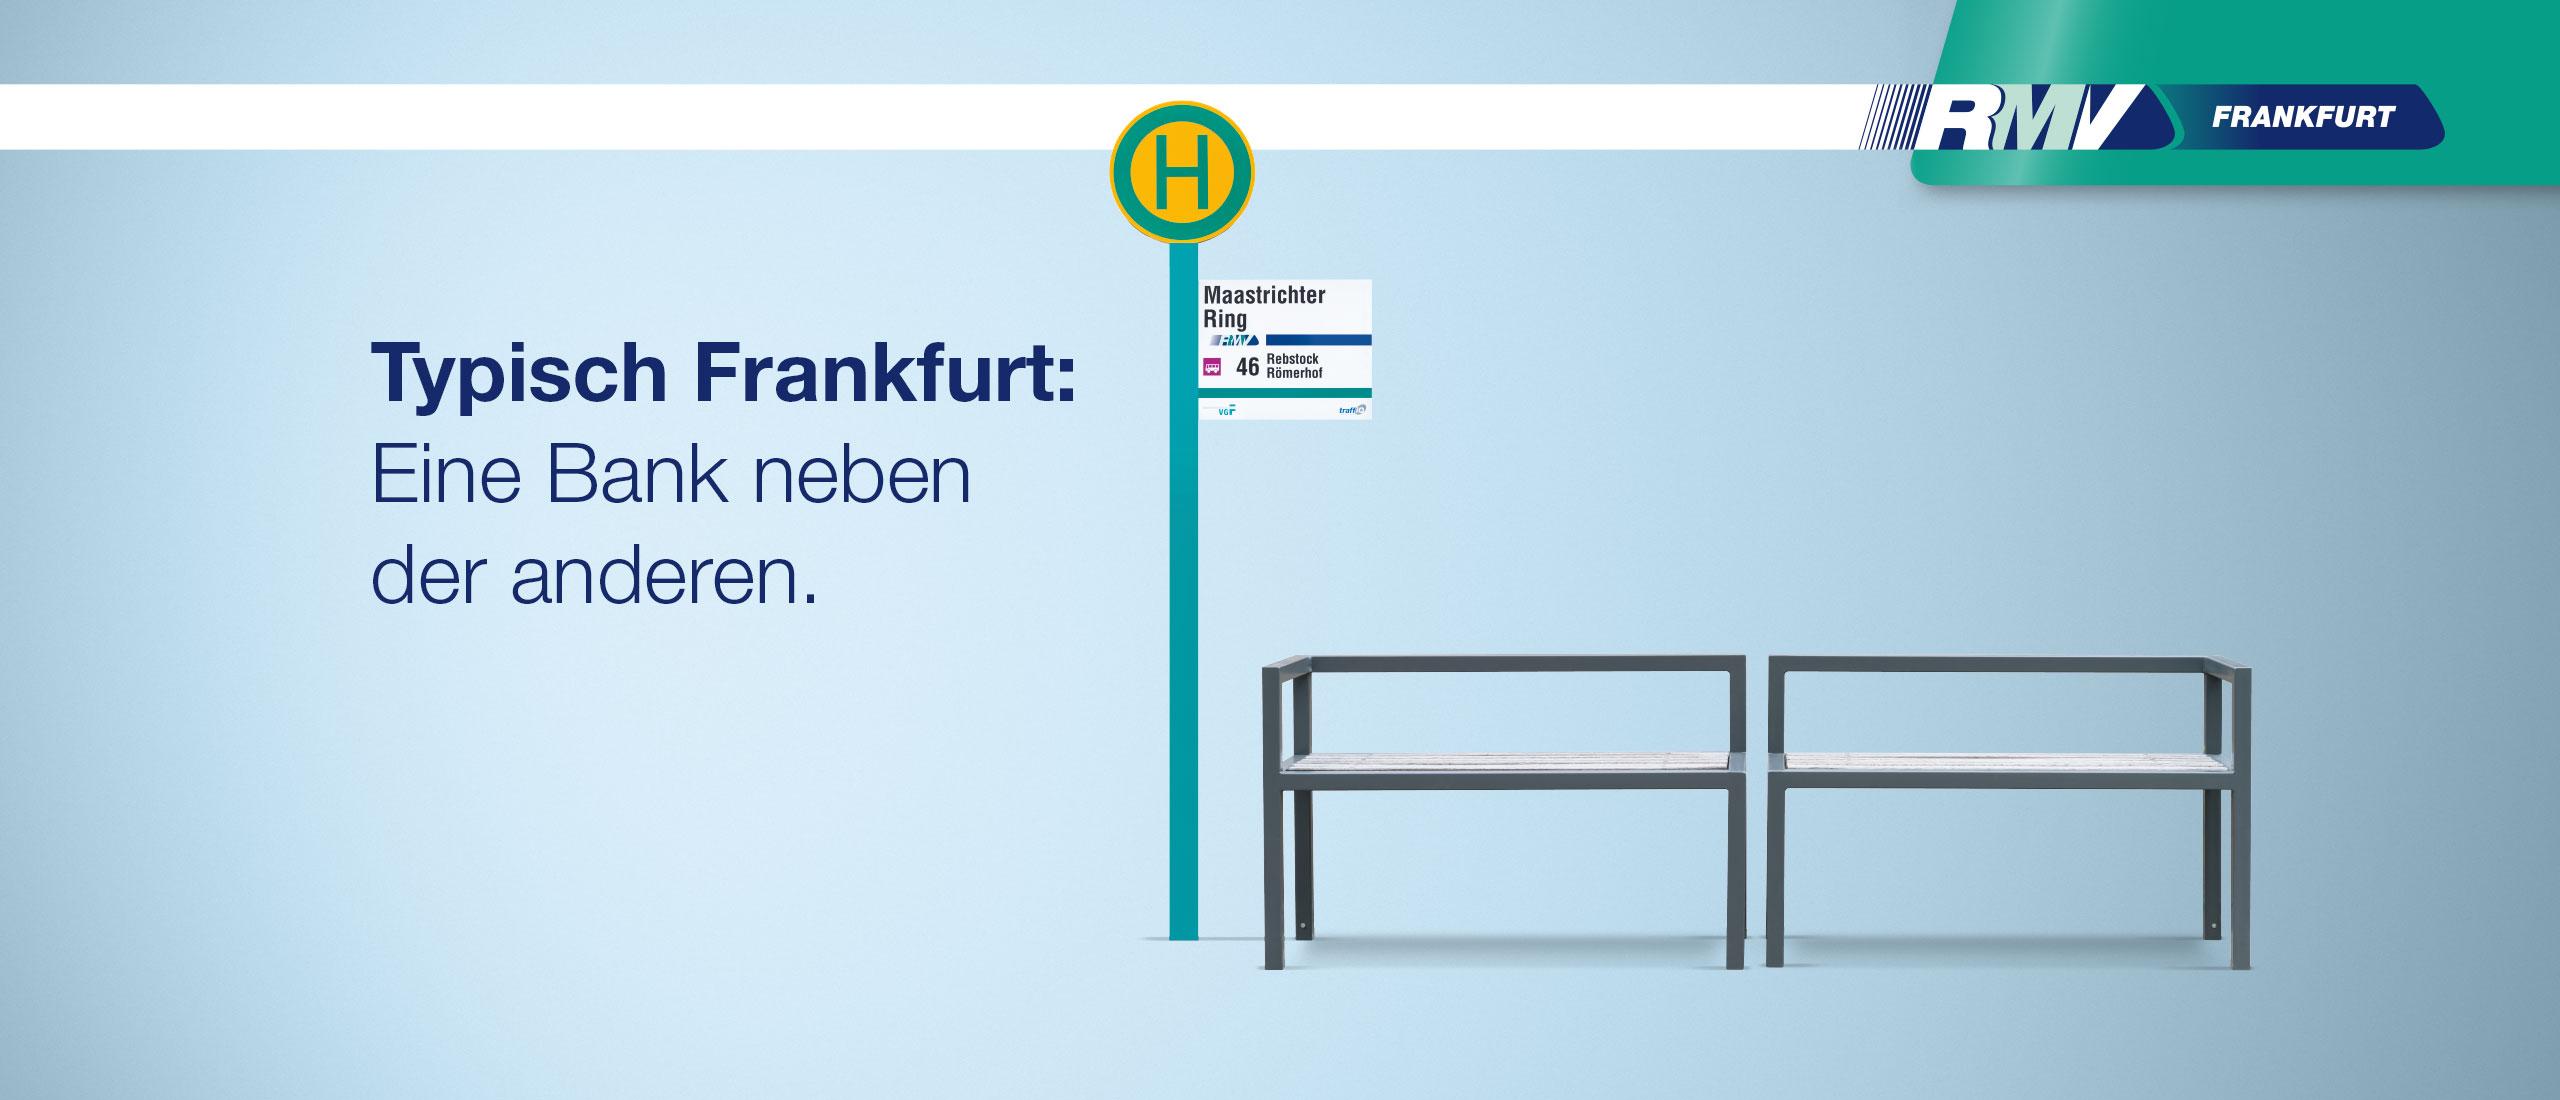 RMV_Frankfurt_TypischFrankfurt_Kampagne_Header_Slider_03